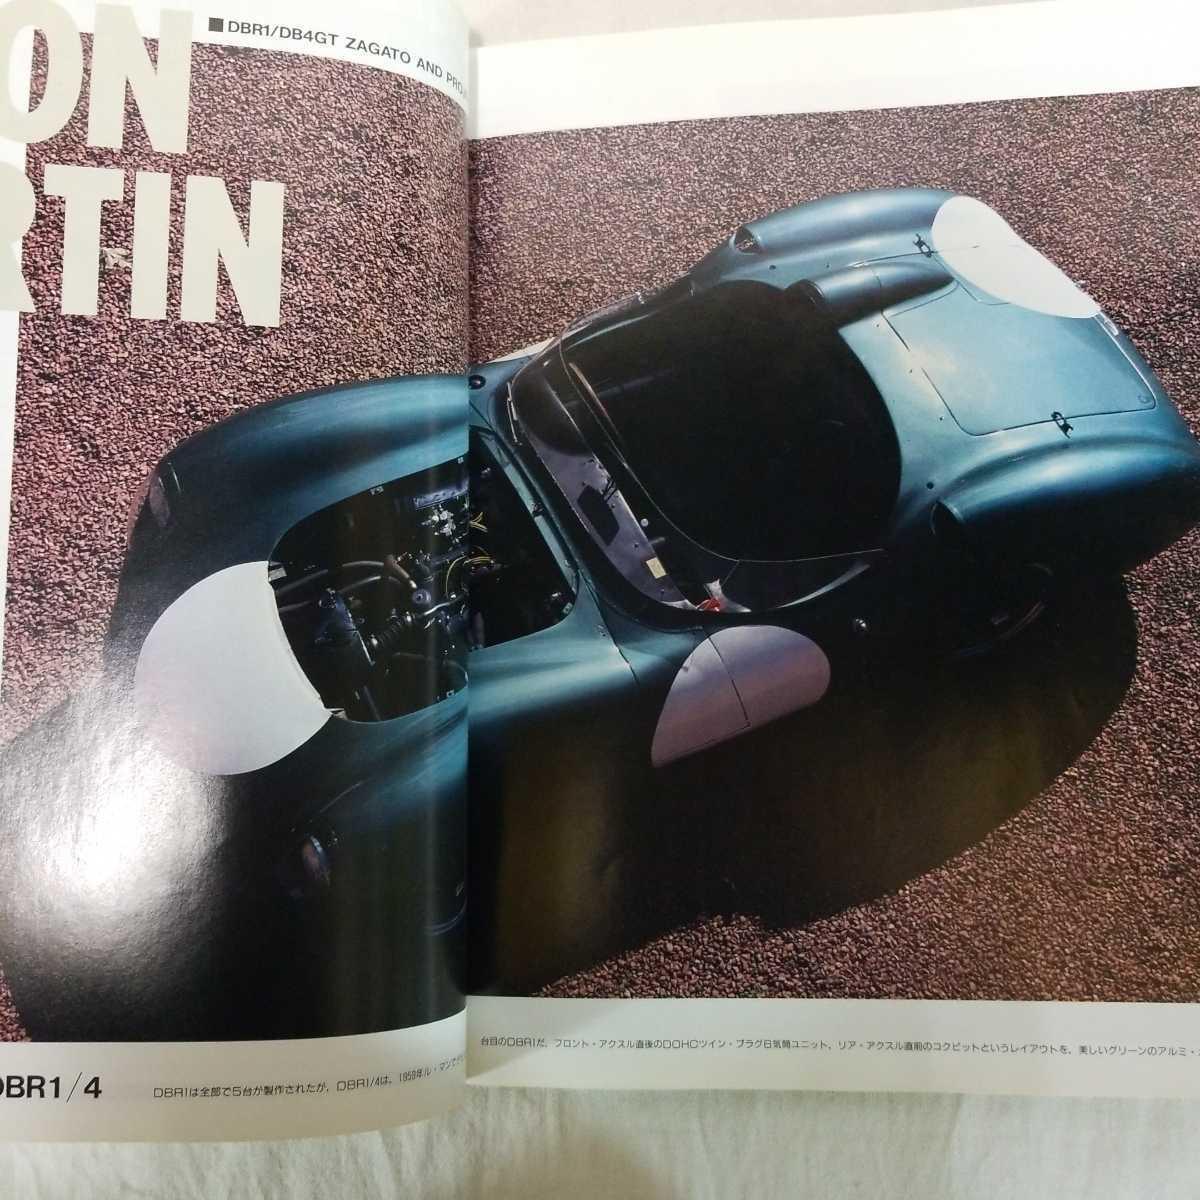 スクランブル・カー・マガジン SCRAMBLE CAR MAGAZINE 71 1986年1月号 ポルシェ ジャガー ヴィンテージ フェラーリ ベンツ_画像4